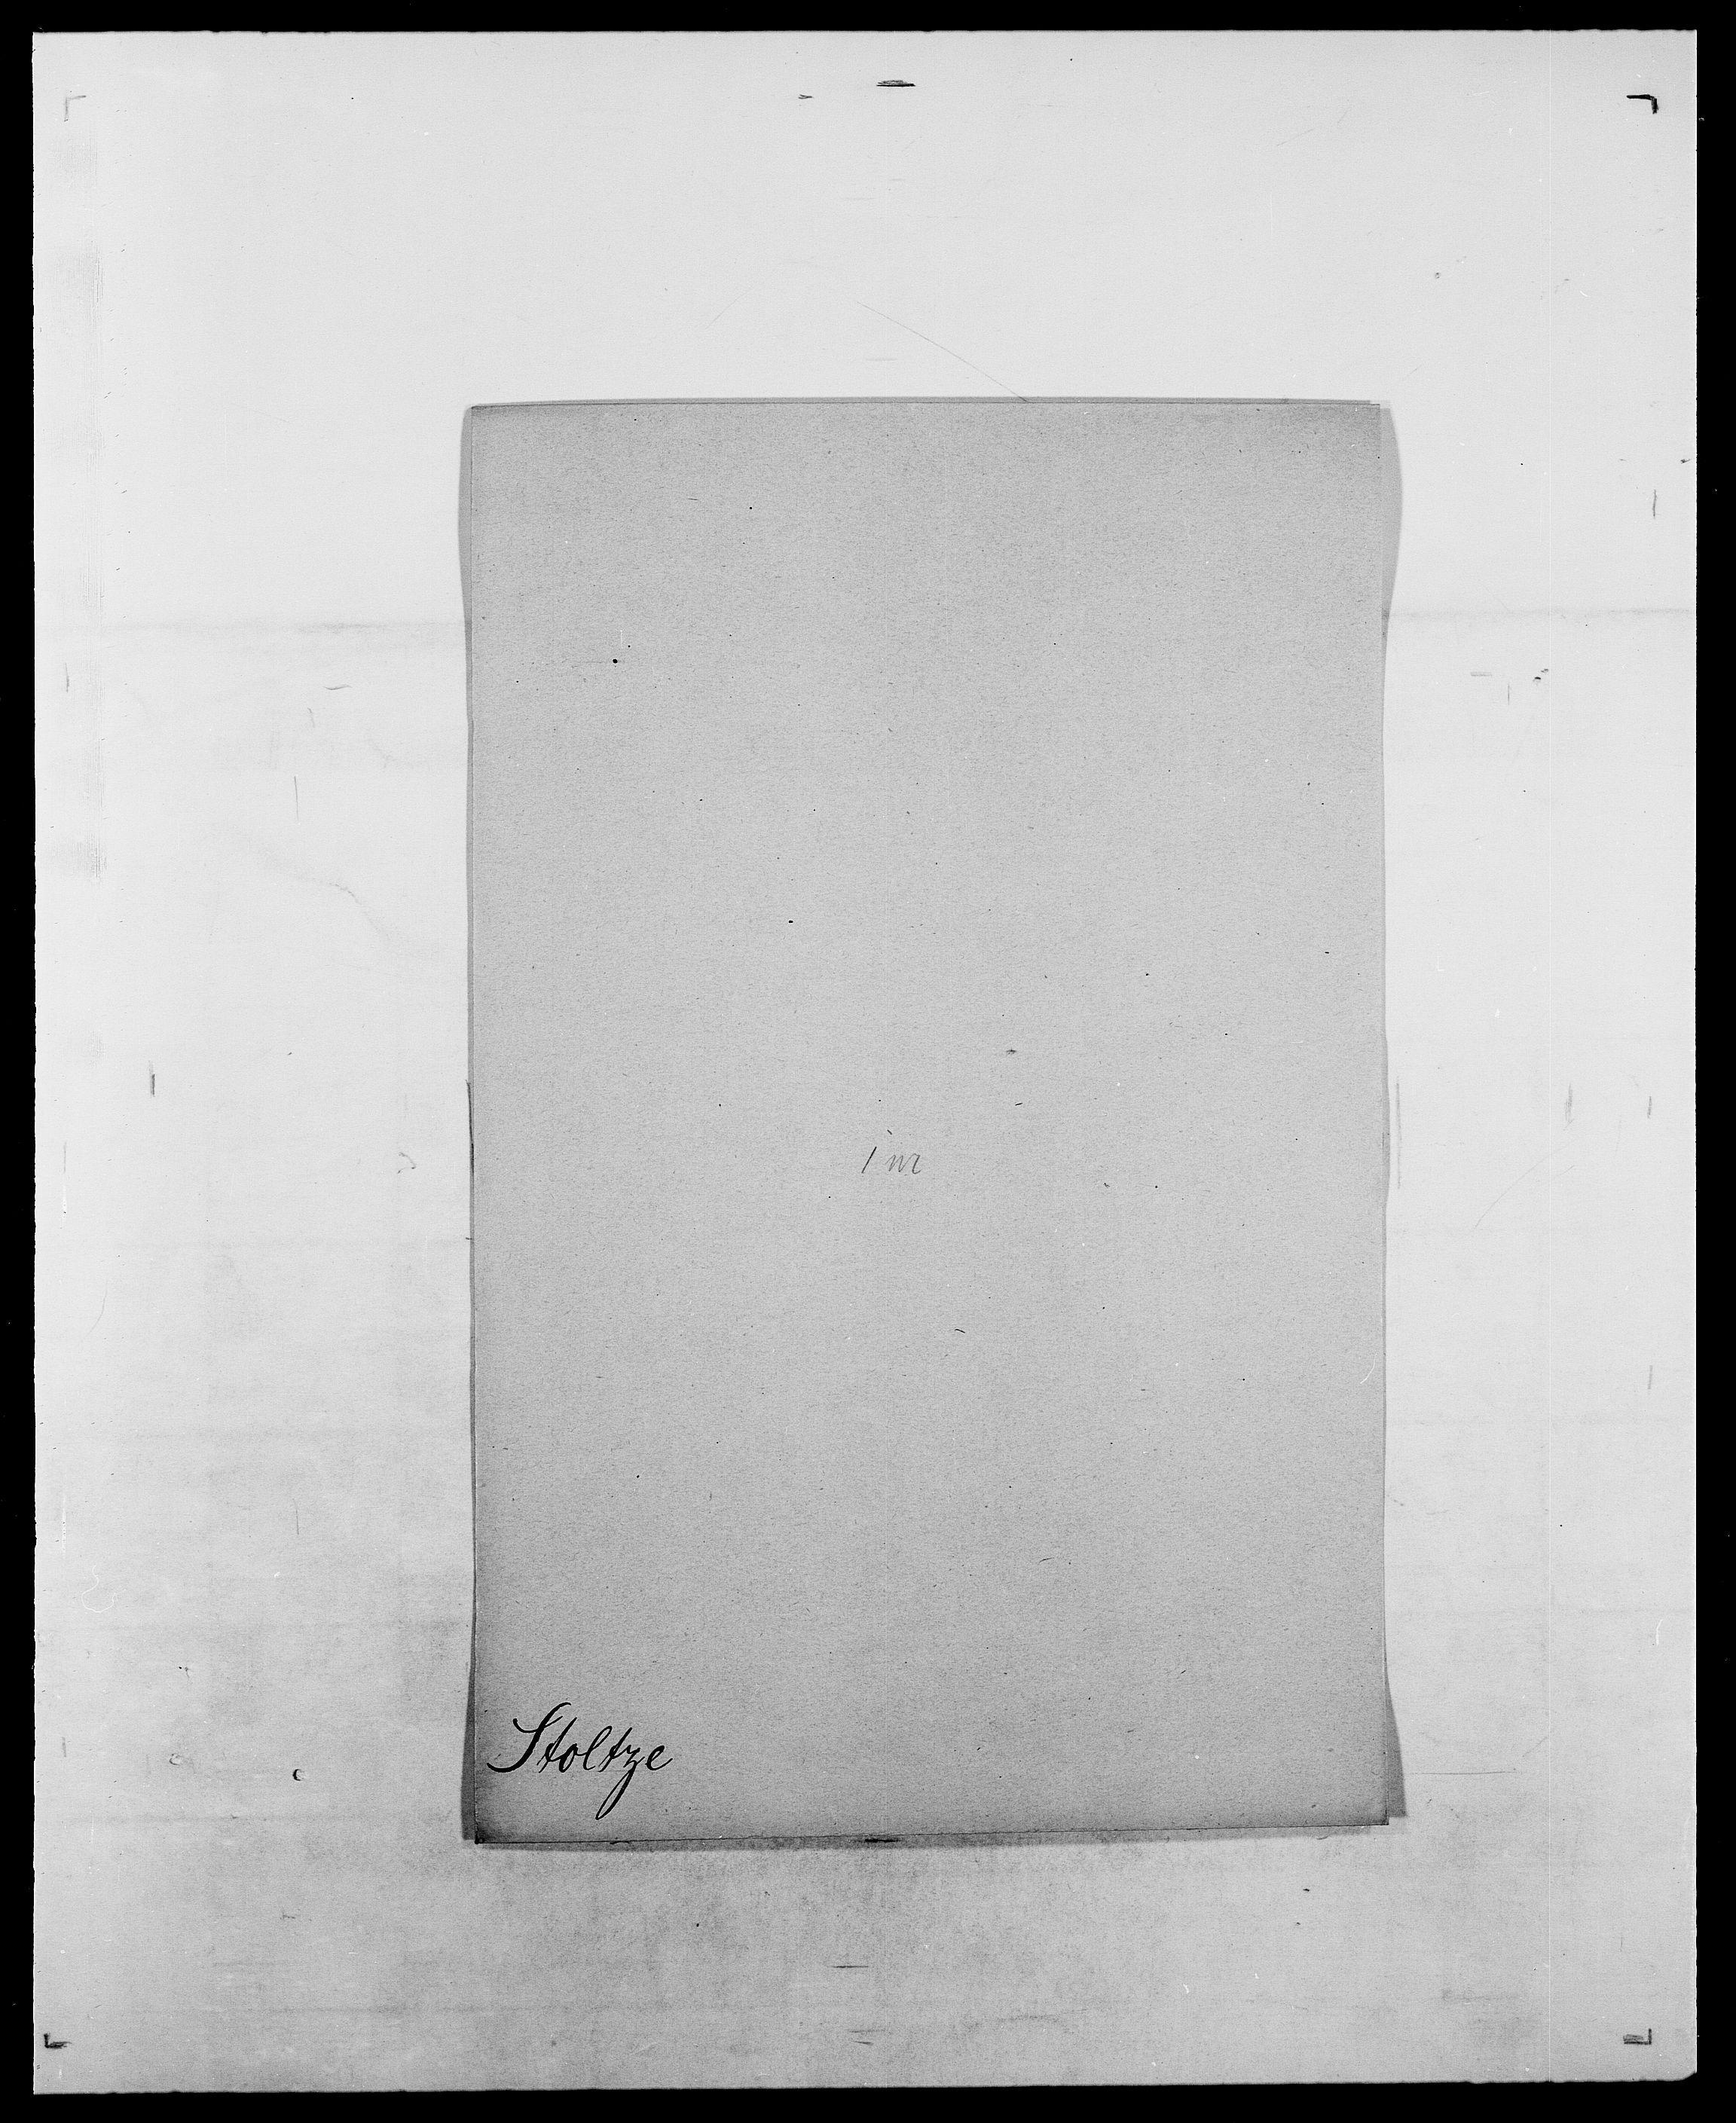 SAO, Delgobe, Charles Antoine - samling, D/Da/L0037: Steen, Sthen, Stein - Svare, Svanige, Svanne, se også Svanning og Schwane, s. 462